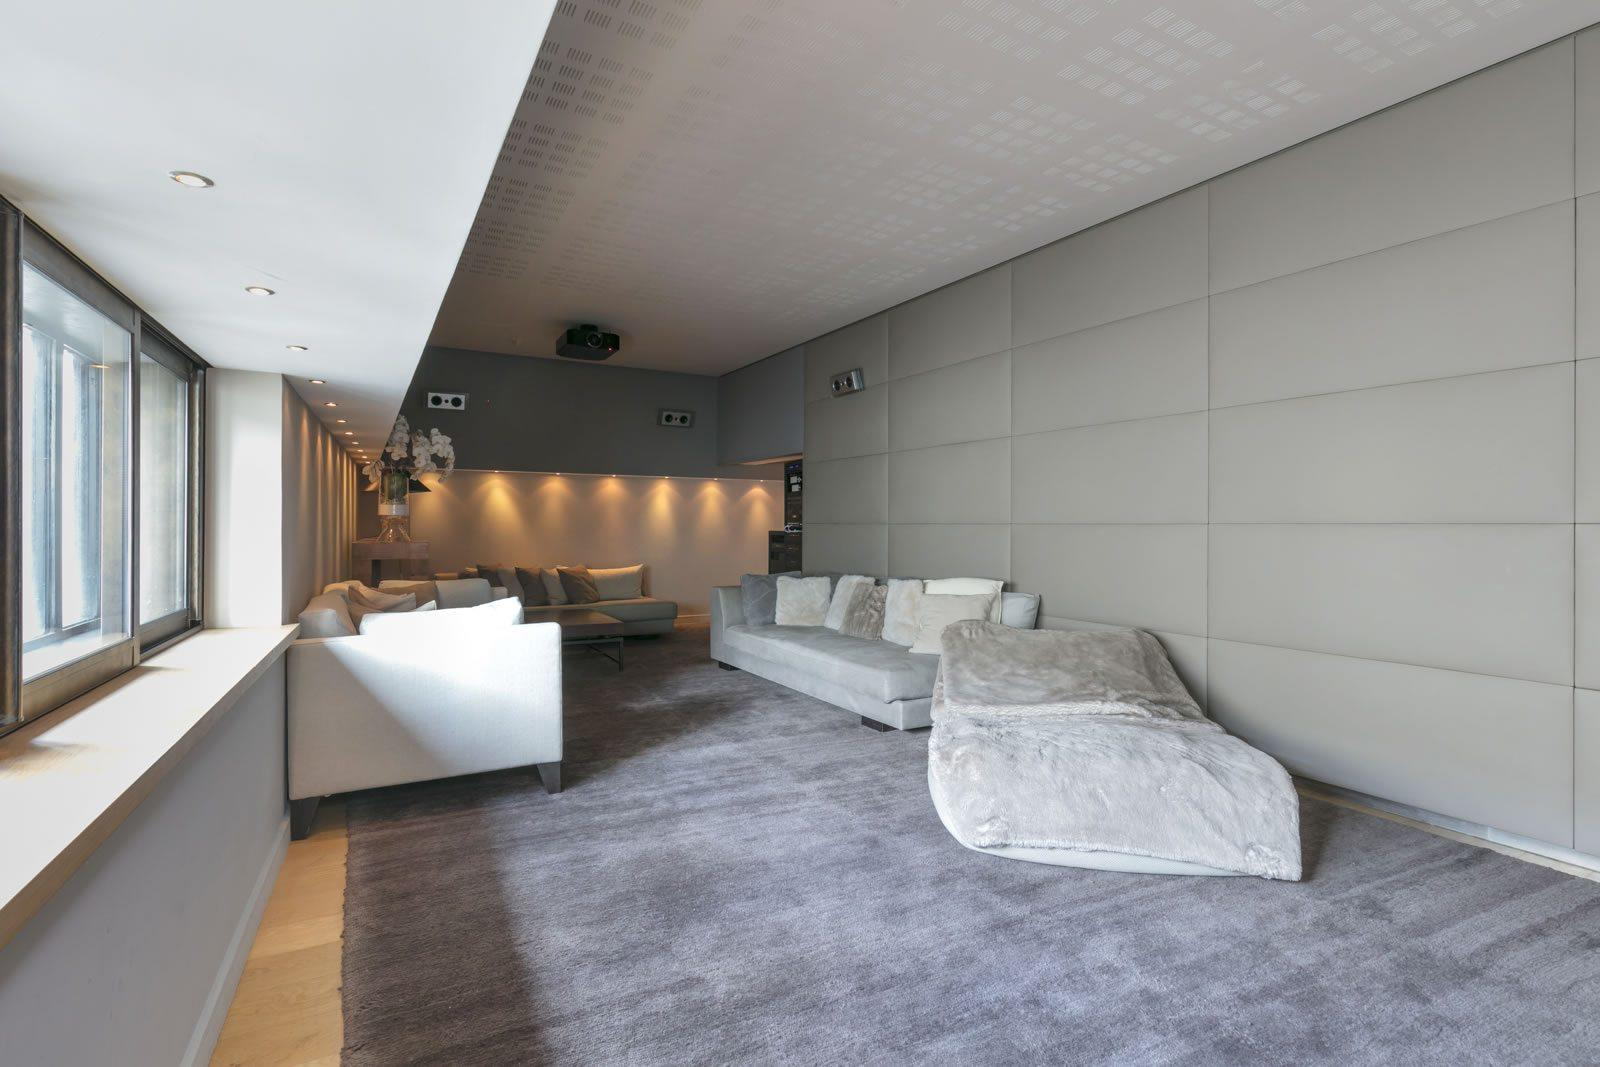 magnifique-hotel-particulier-a-vendre-montmartre-vue-unique-ascenseur-parking-cave